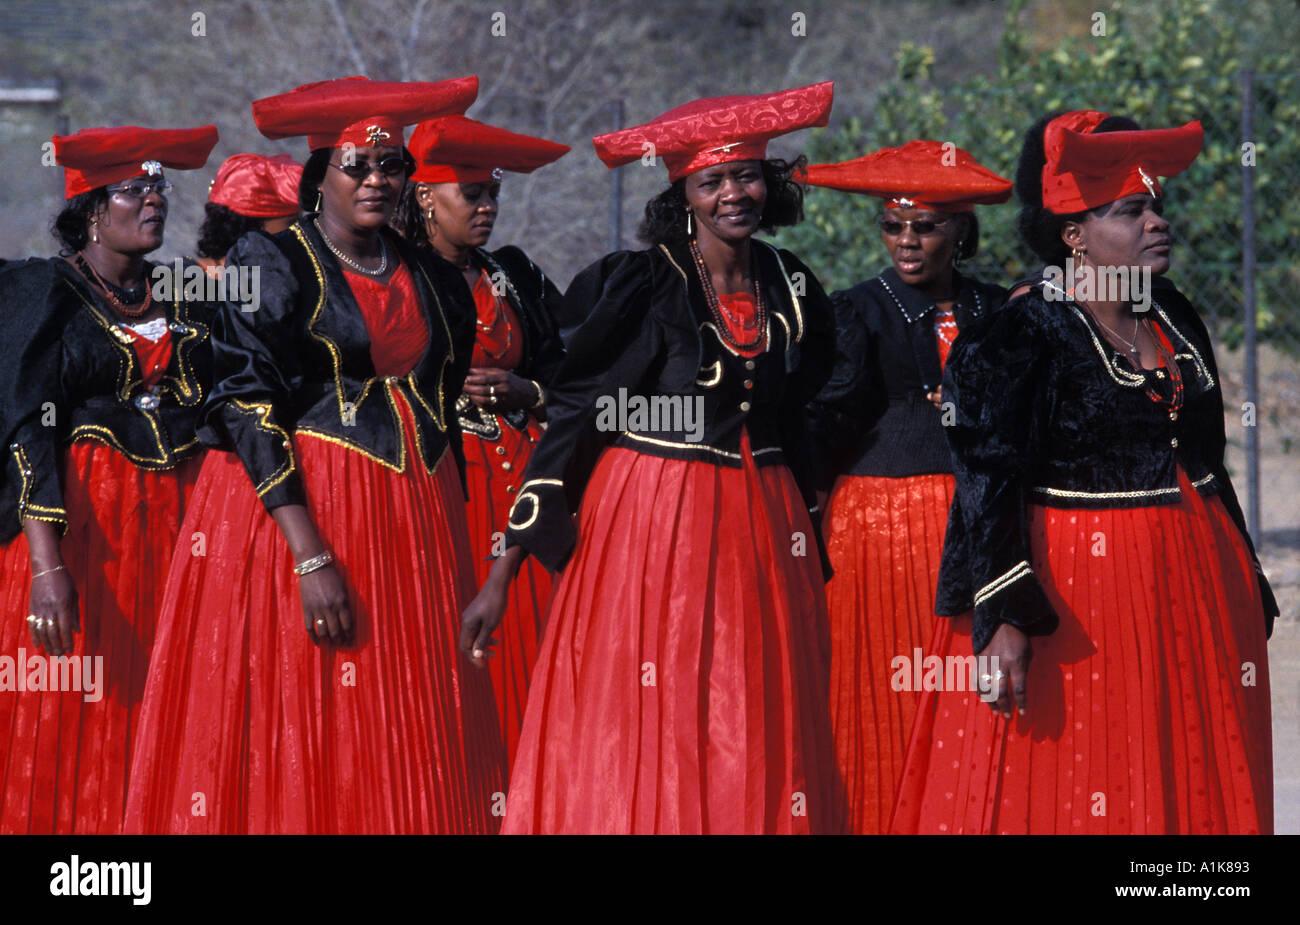 Namibia herero dress images